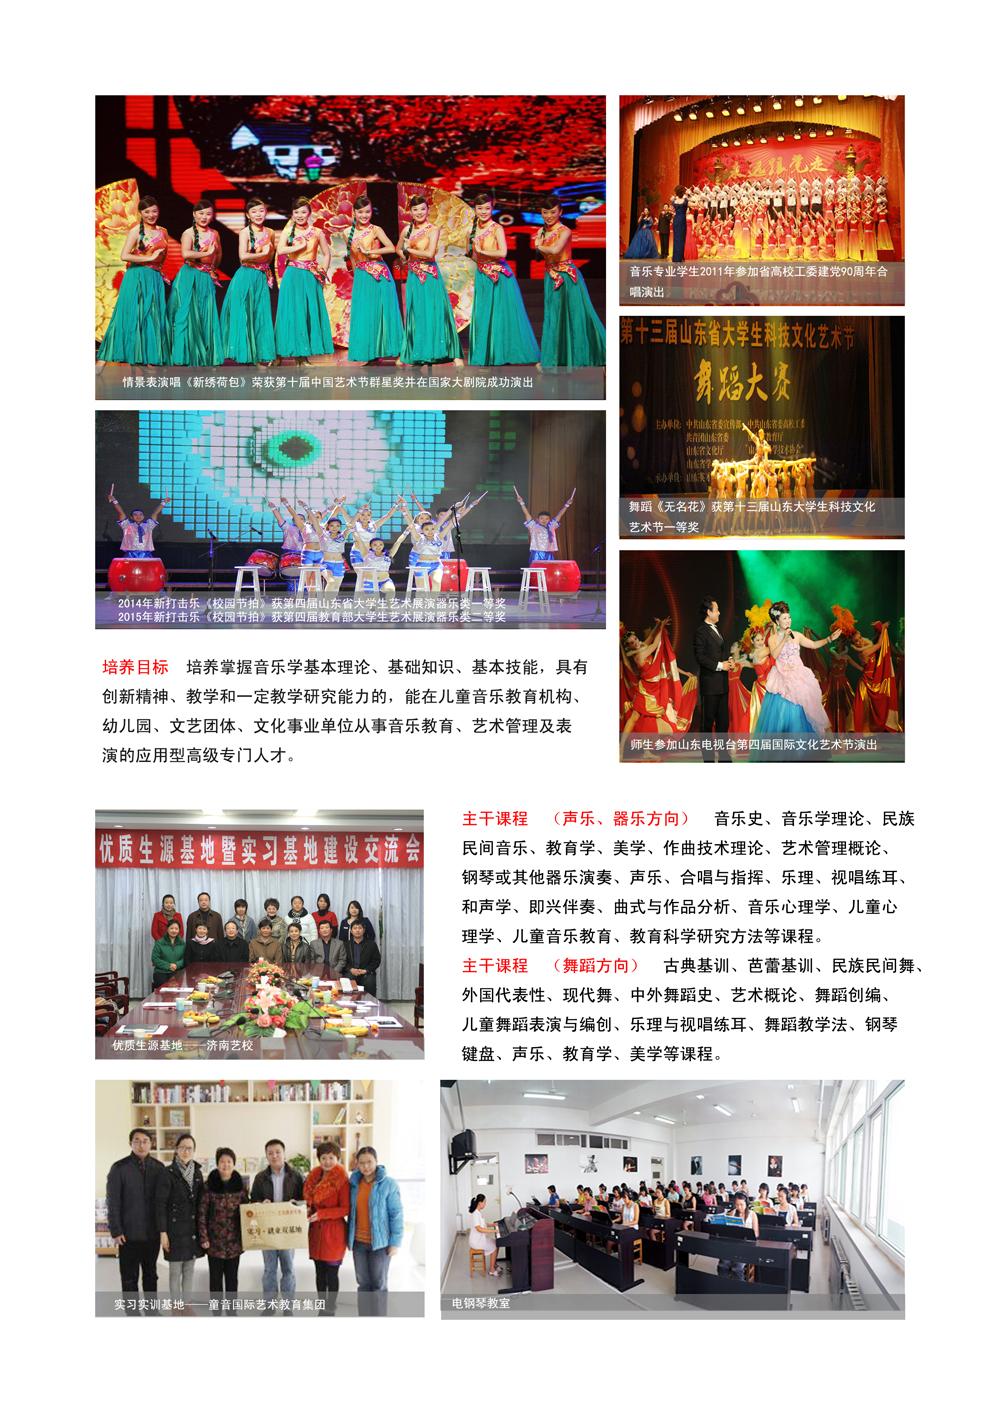 山东女子学院2016年音乐学专业招生简章2